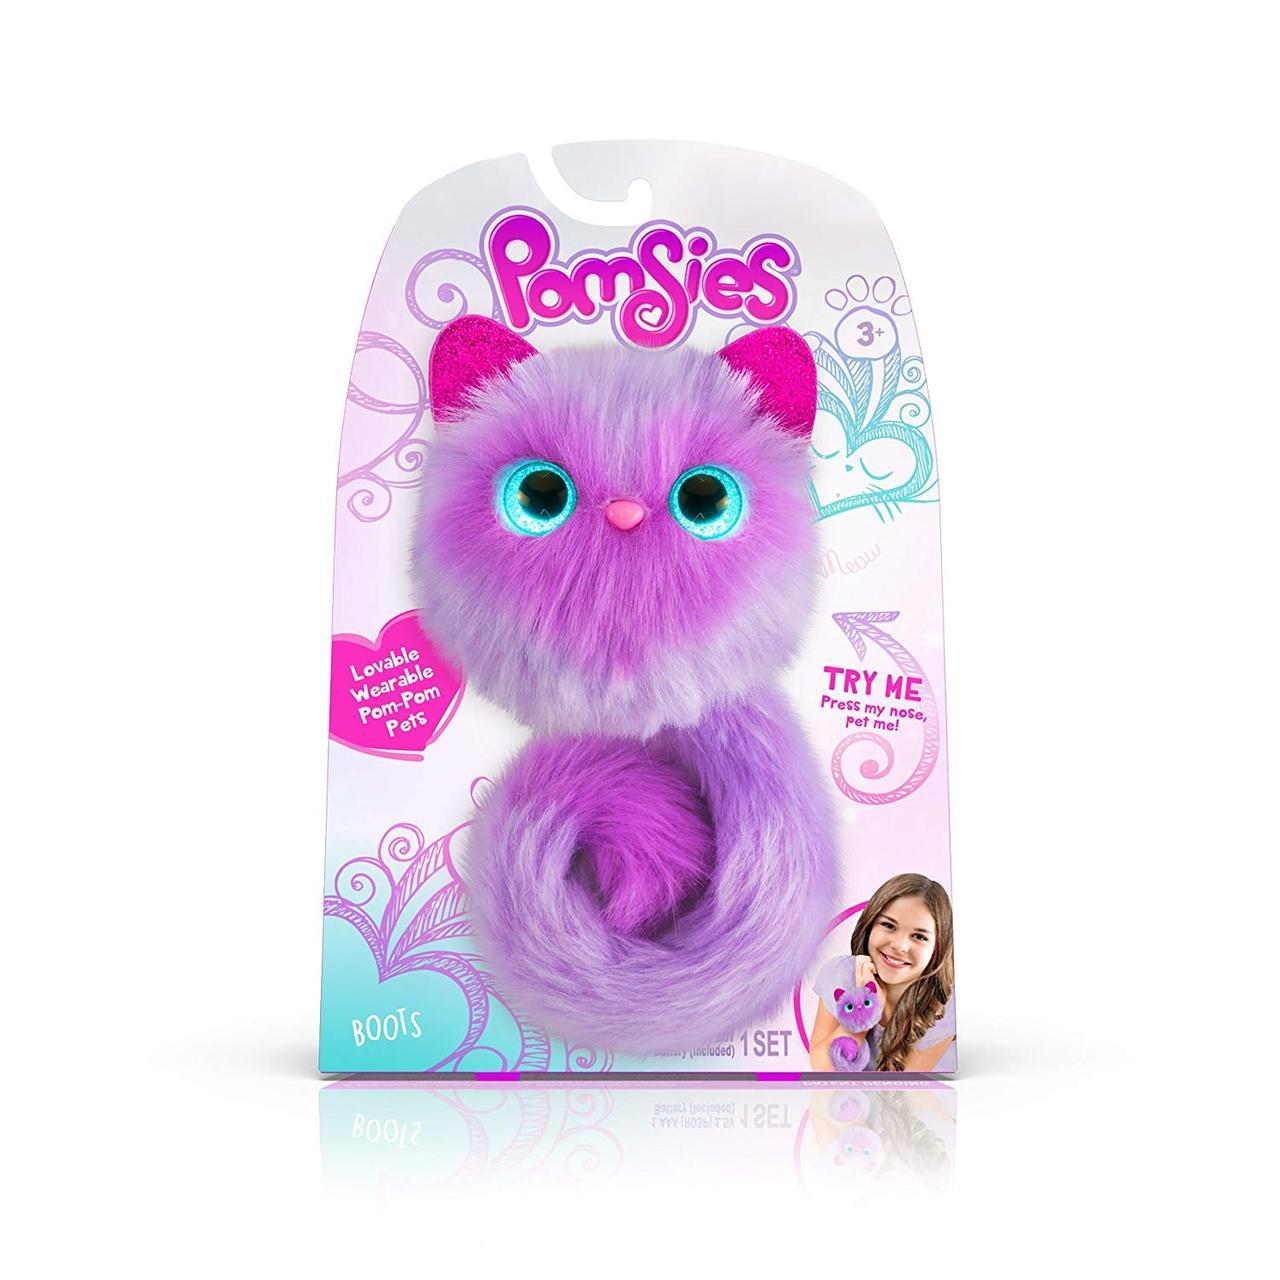 Интерактивная игрушка кошечка Виола Помсис Pomsies Boots фиолетовая, фото 1